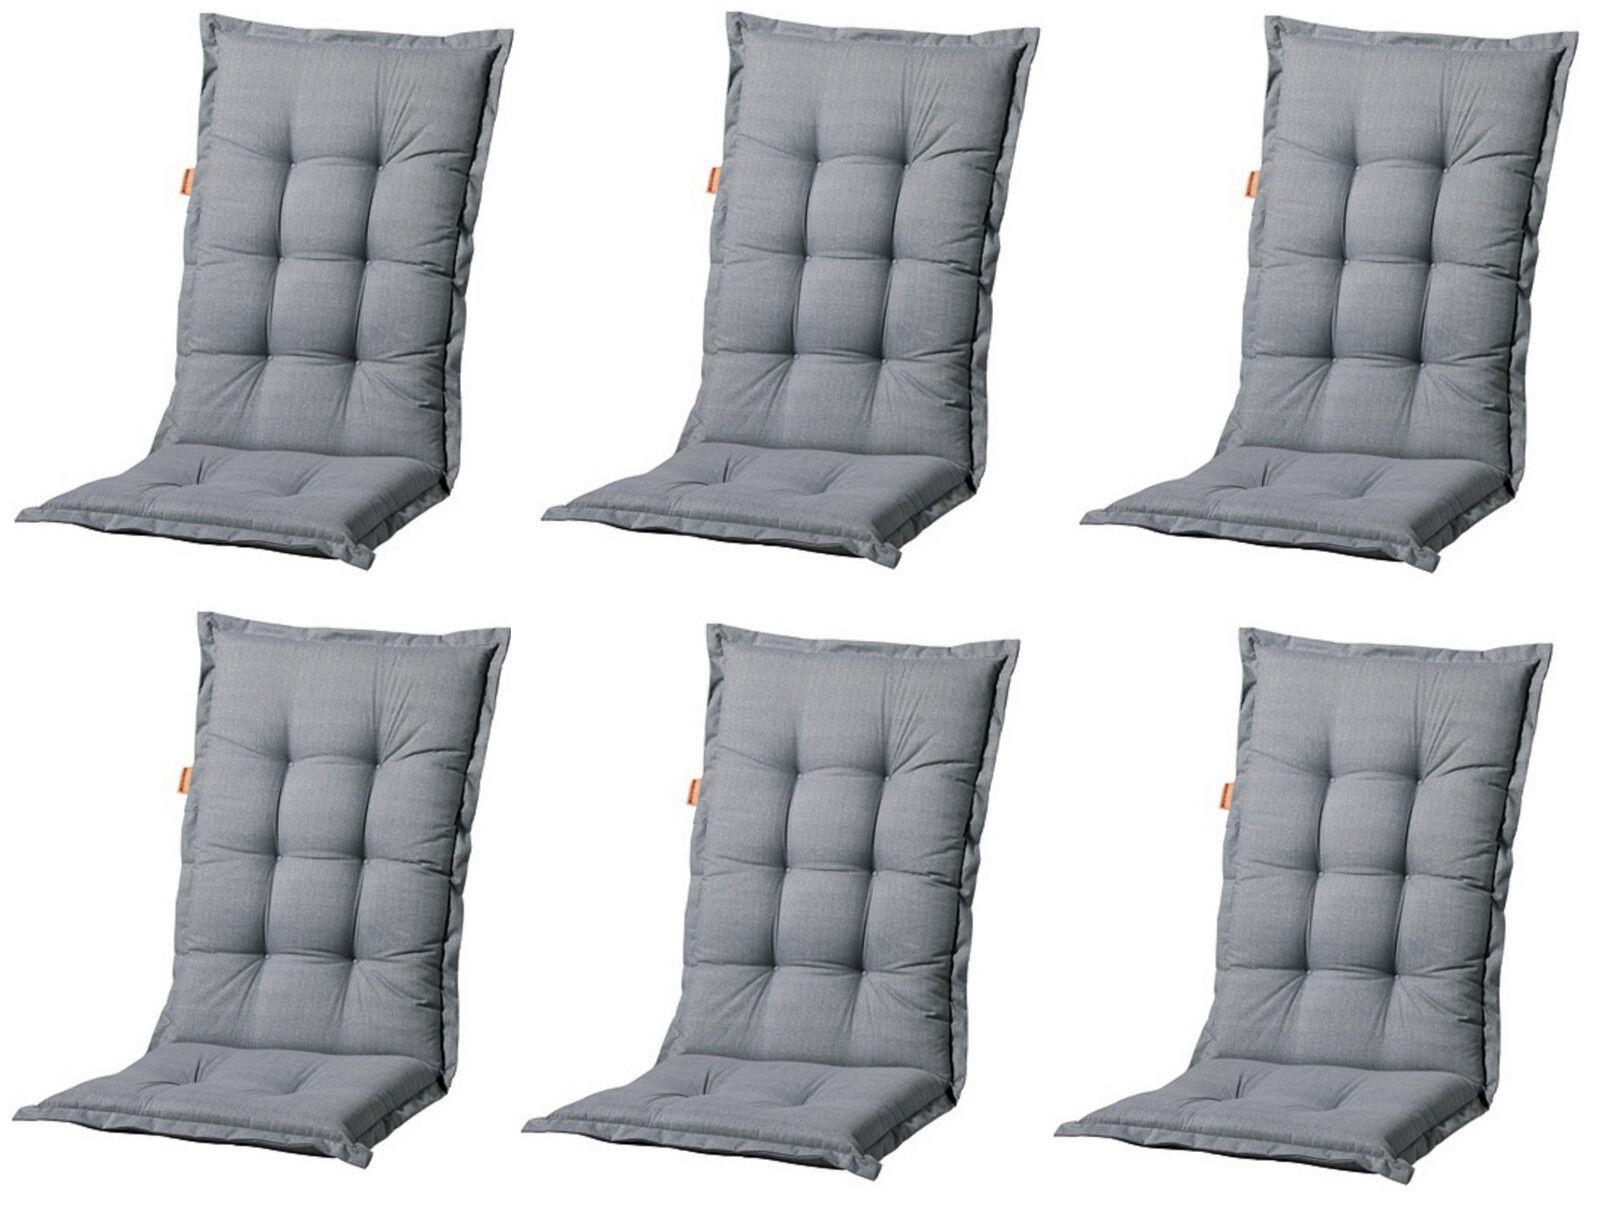 6 x luxus gartenm bel hochlehner sessel auflagen polster kissen 8 cm einlage neu ebay. Black Bedroom Furniture Sets. Home Design Ideas